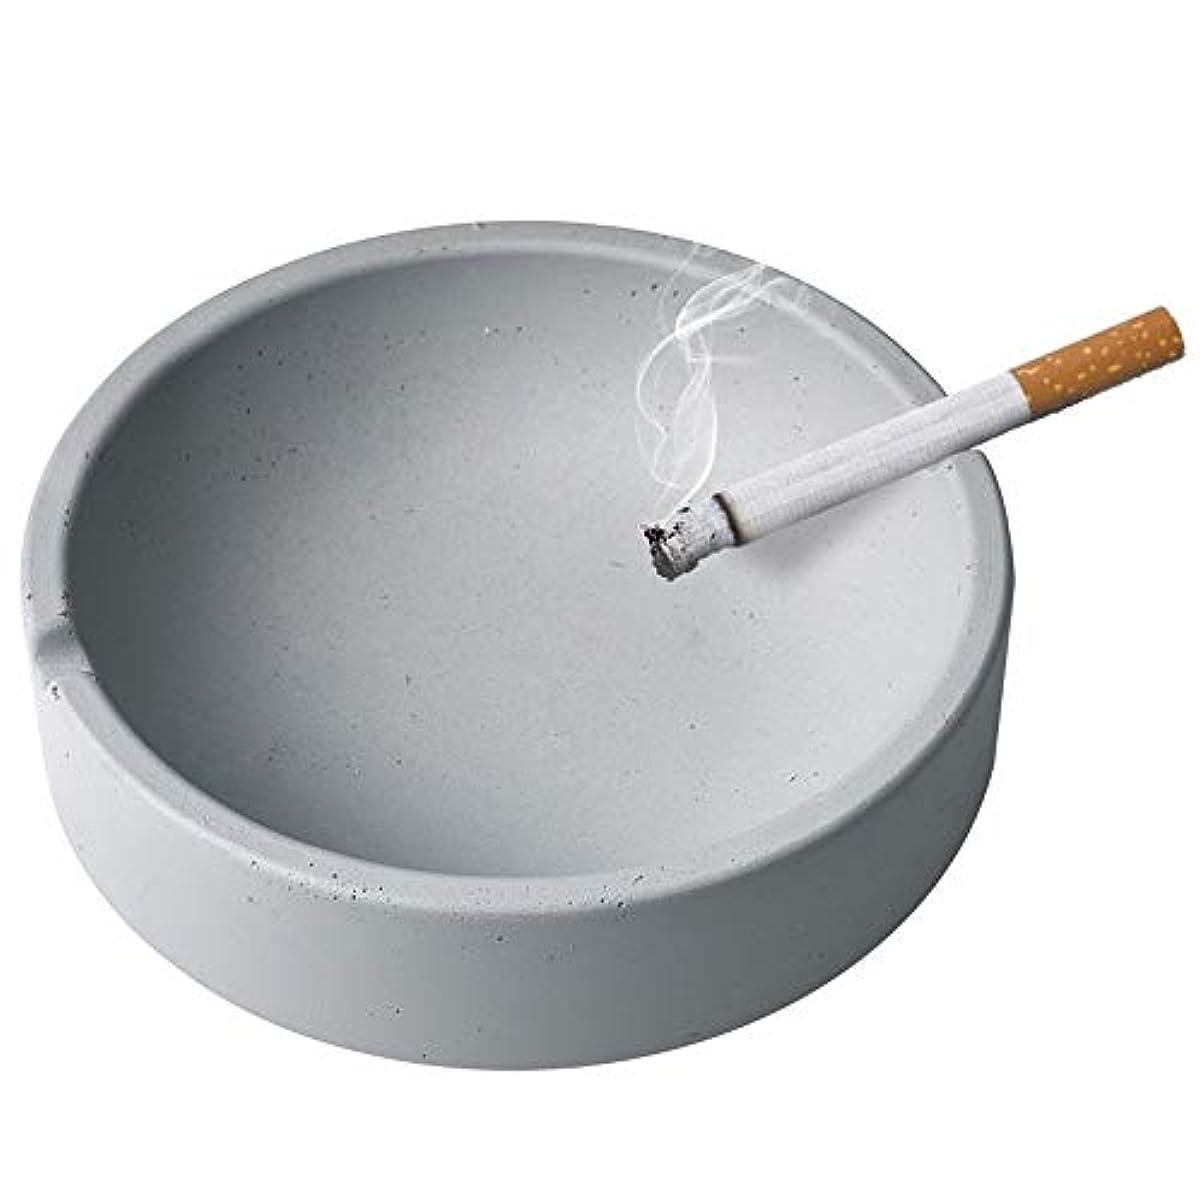 移植栄光の精算家庭用産業風コンクリート灰皿、パーソナライズ屋外灰皿、多人数使用シーンリビングルームオフィスレストラン灰皿装飾 (Size : L)